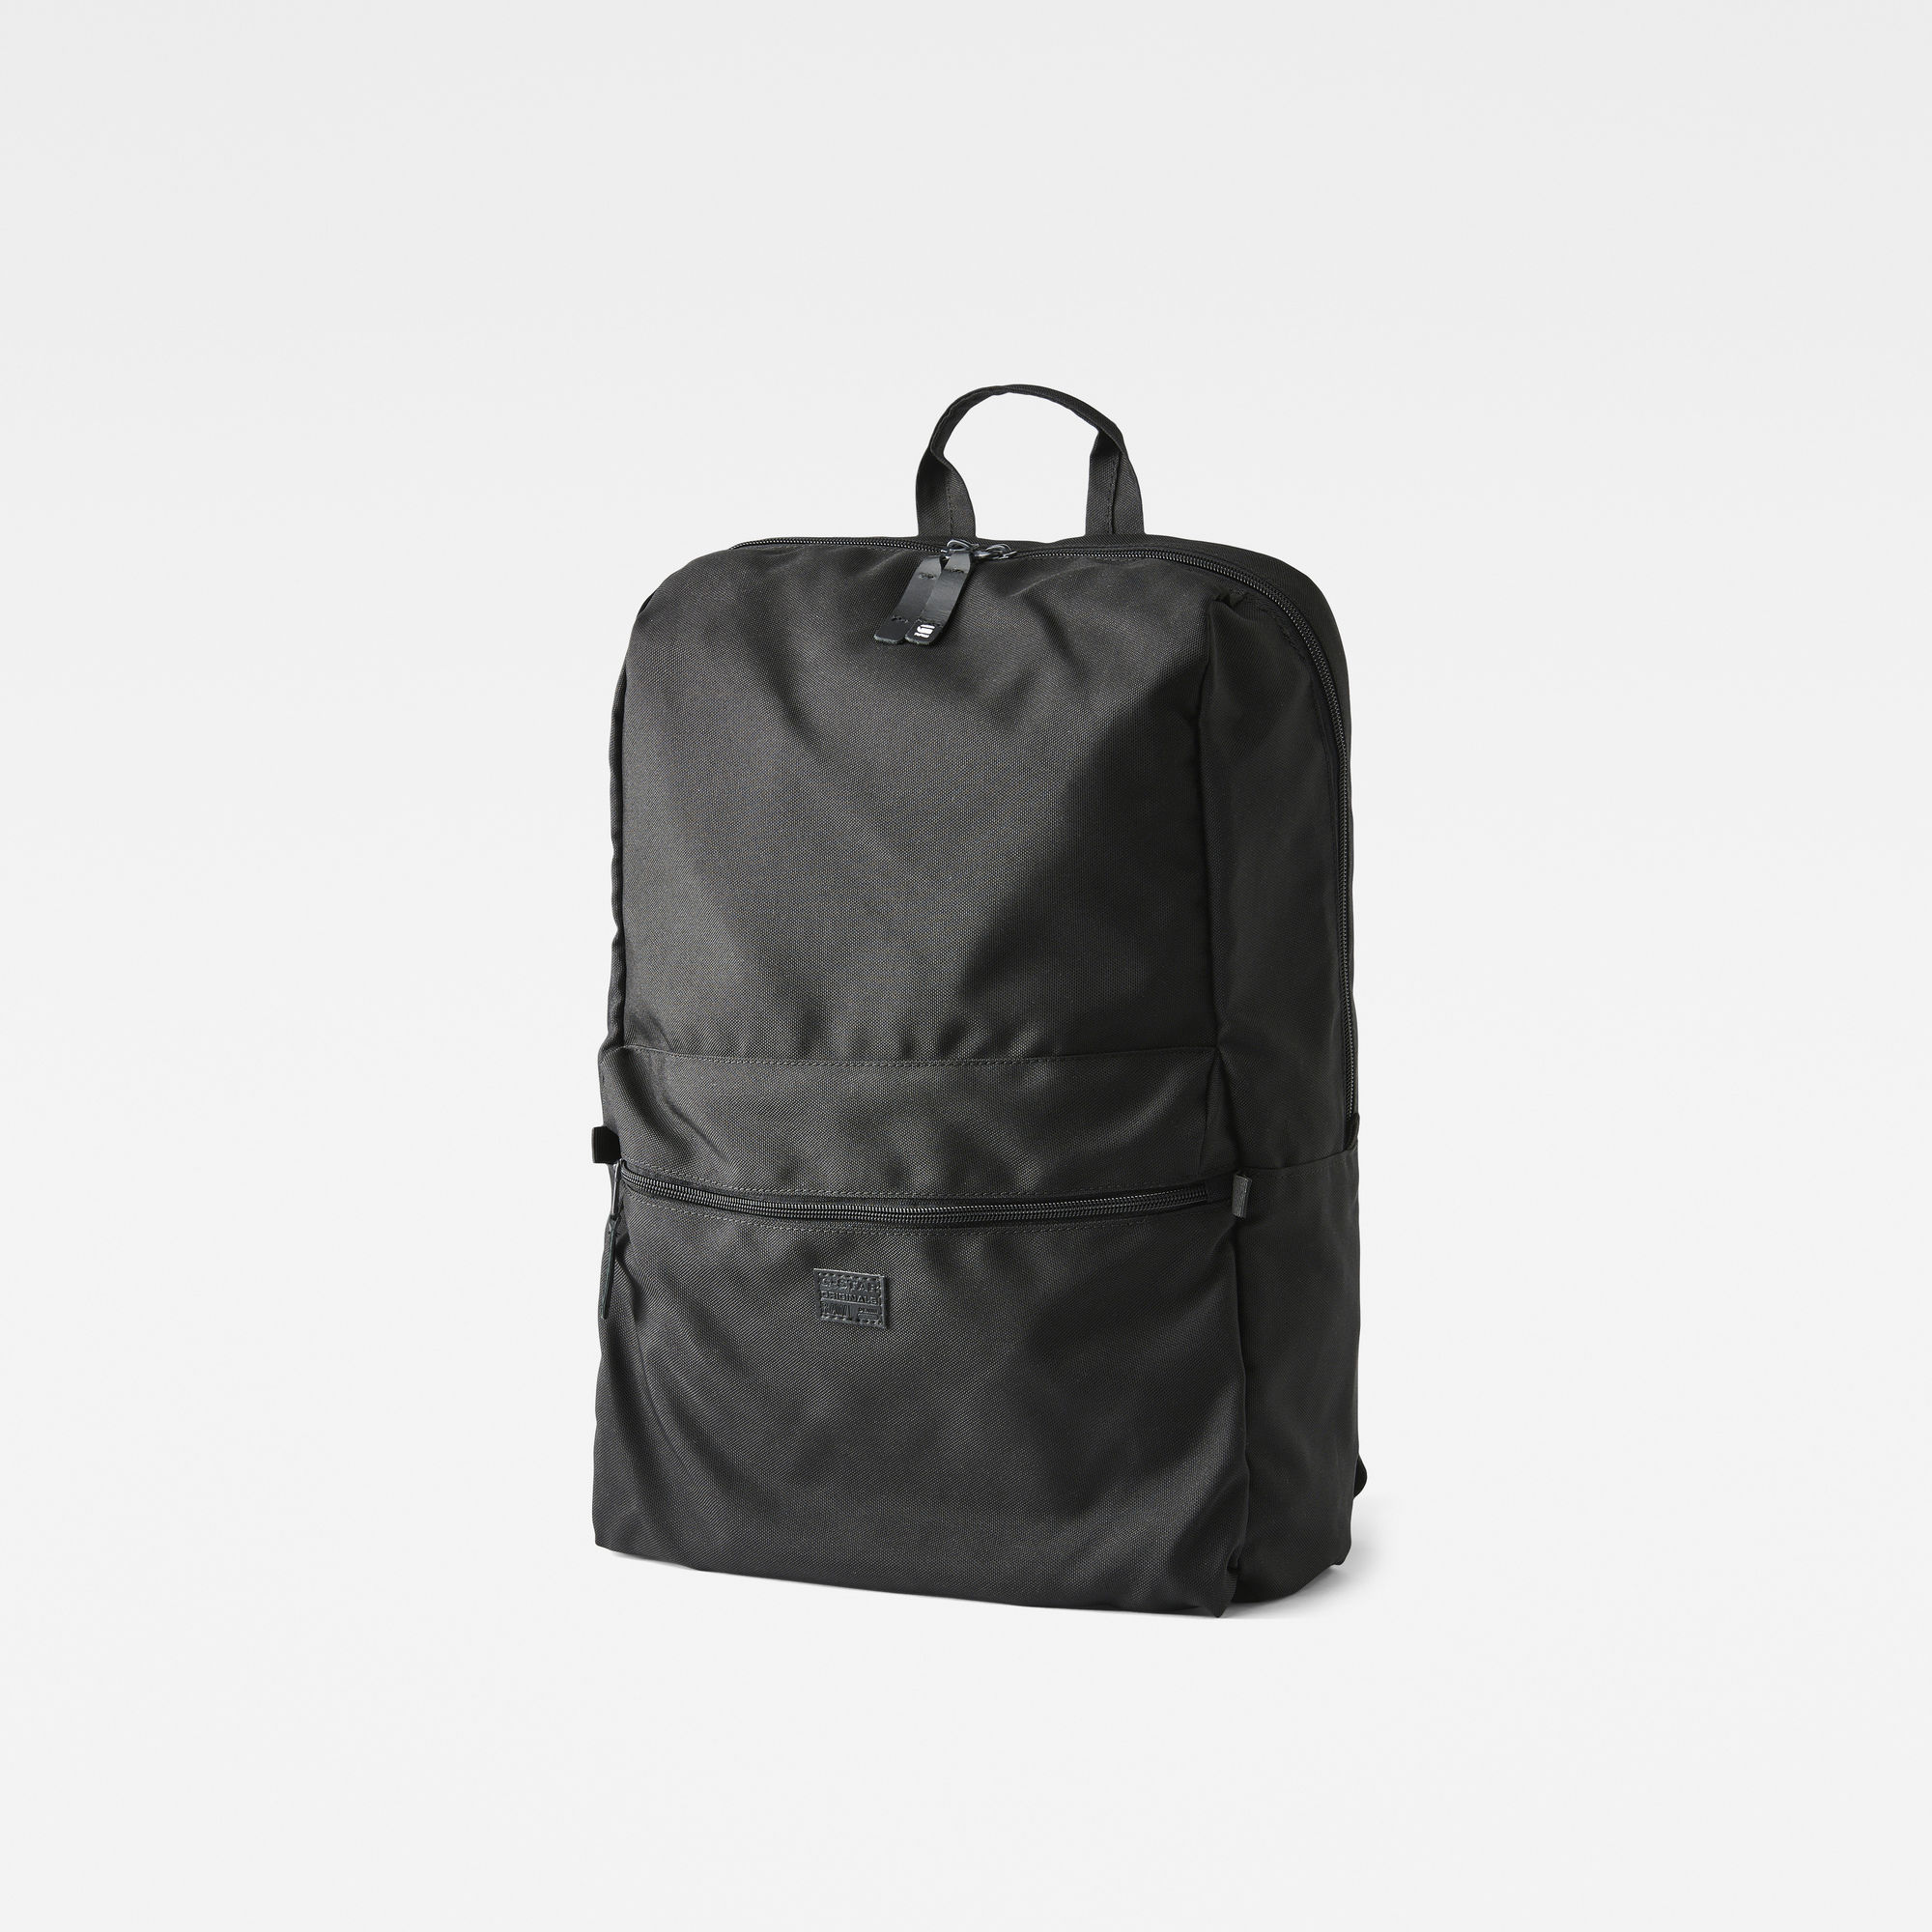 Estan Light Backpack